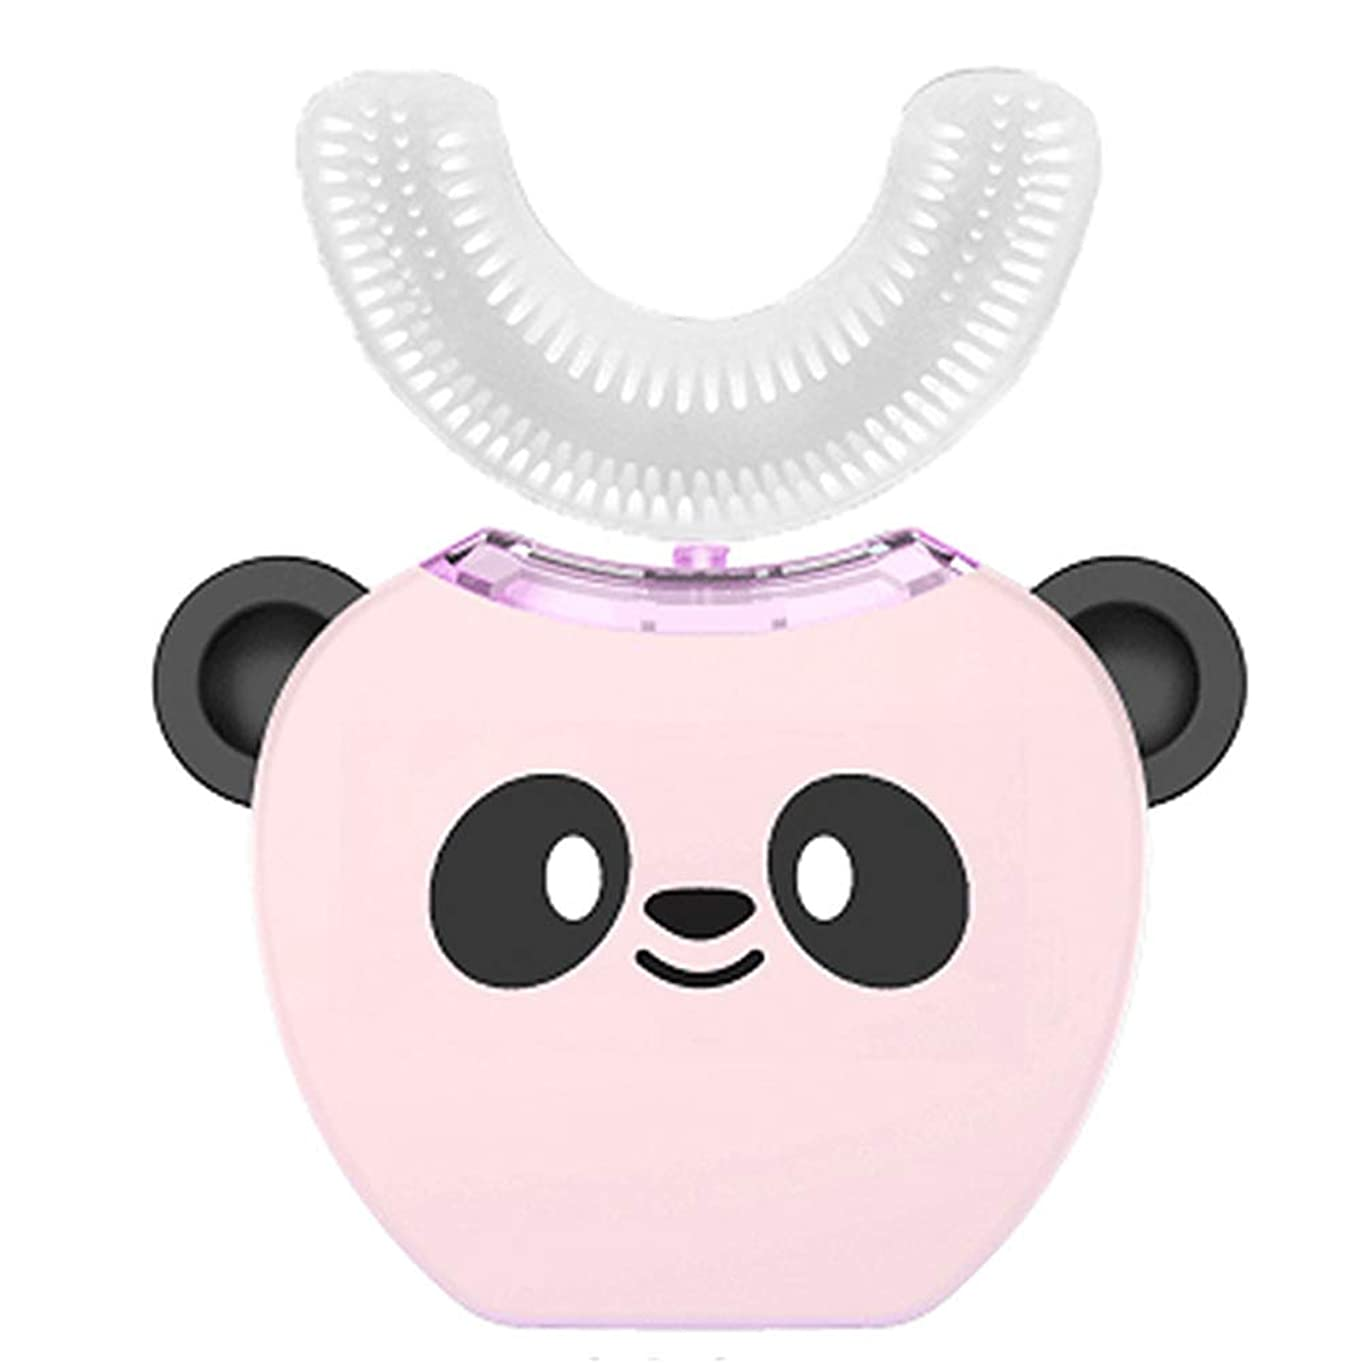 曖昧な離れて恵み電動歯ブラシ子供コールドライトU型クリーニング超音波歯ブラシ防水旅行